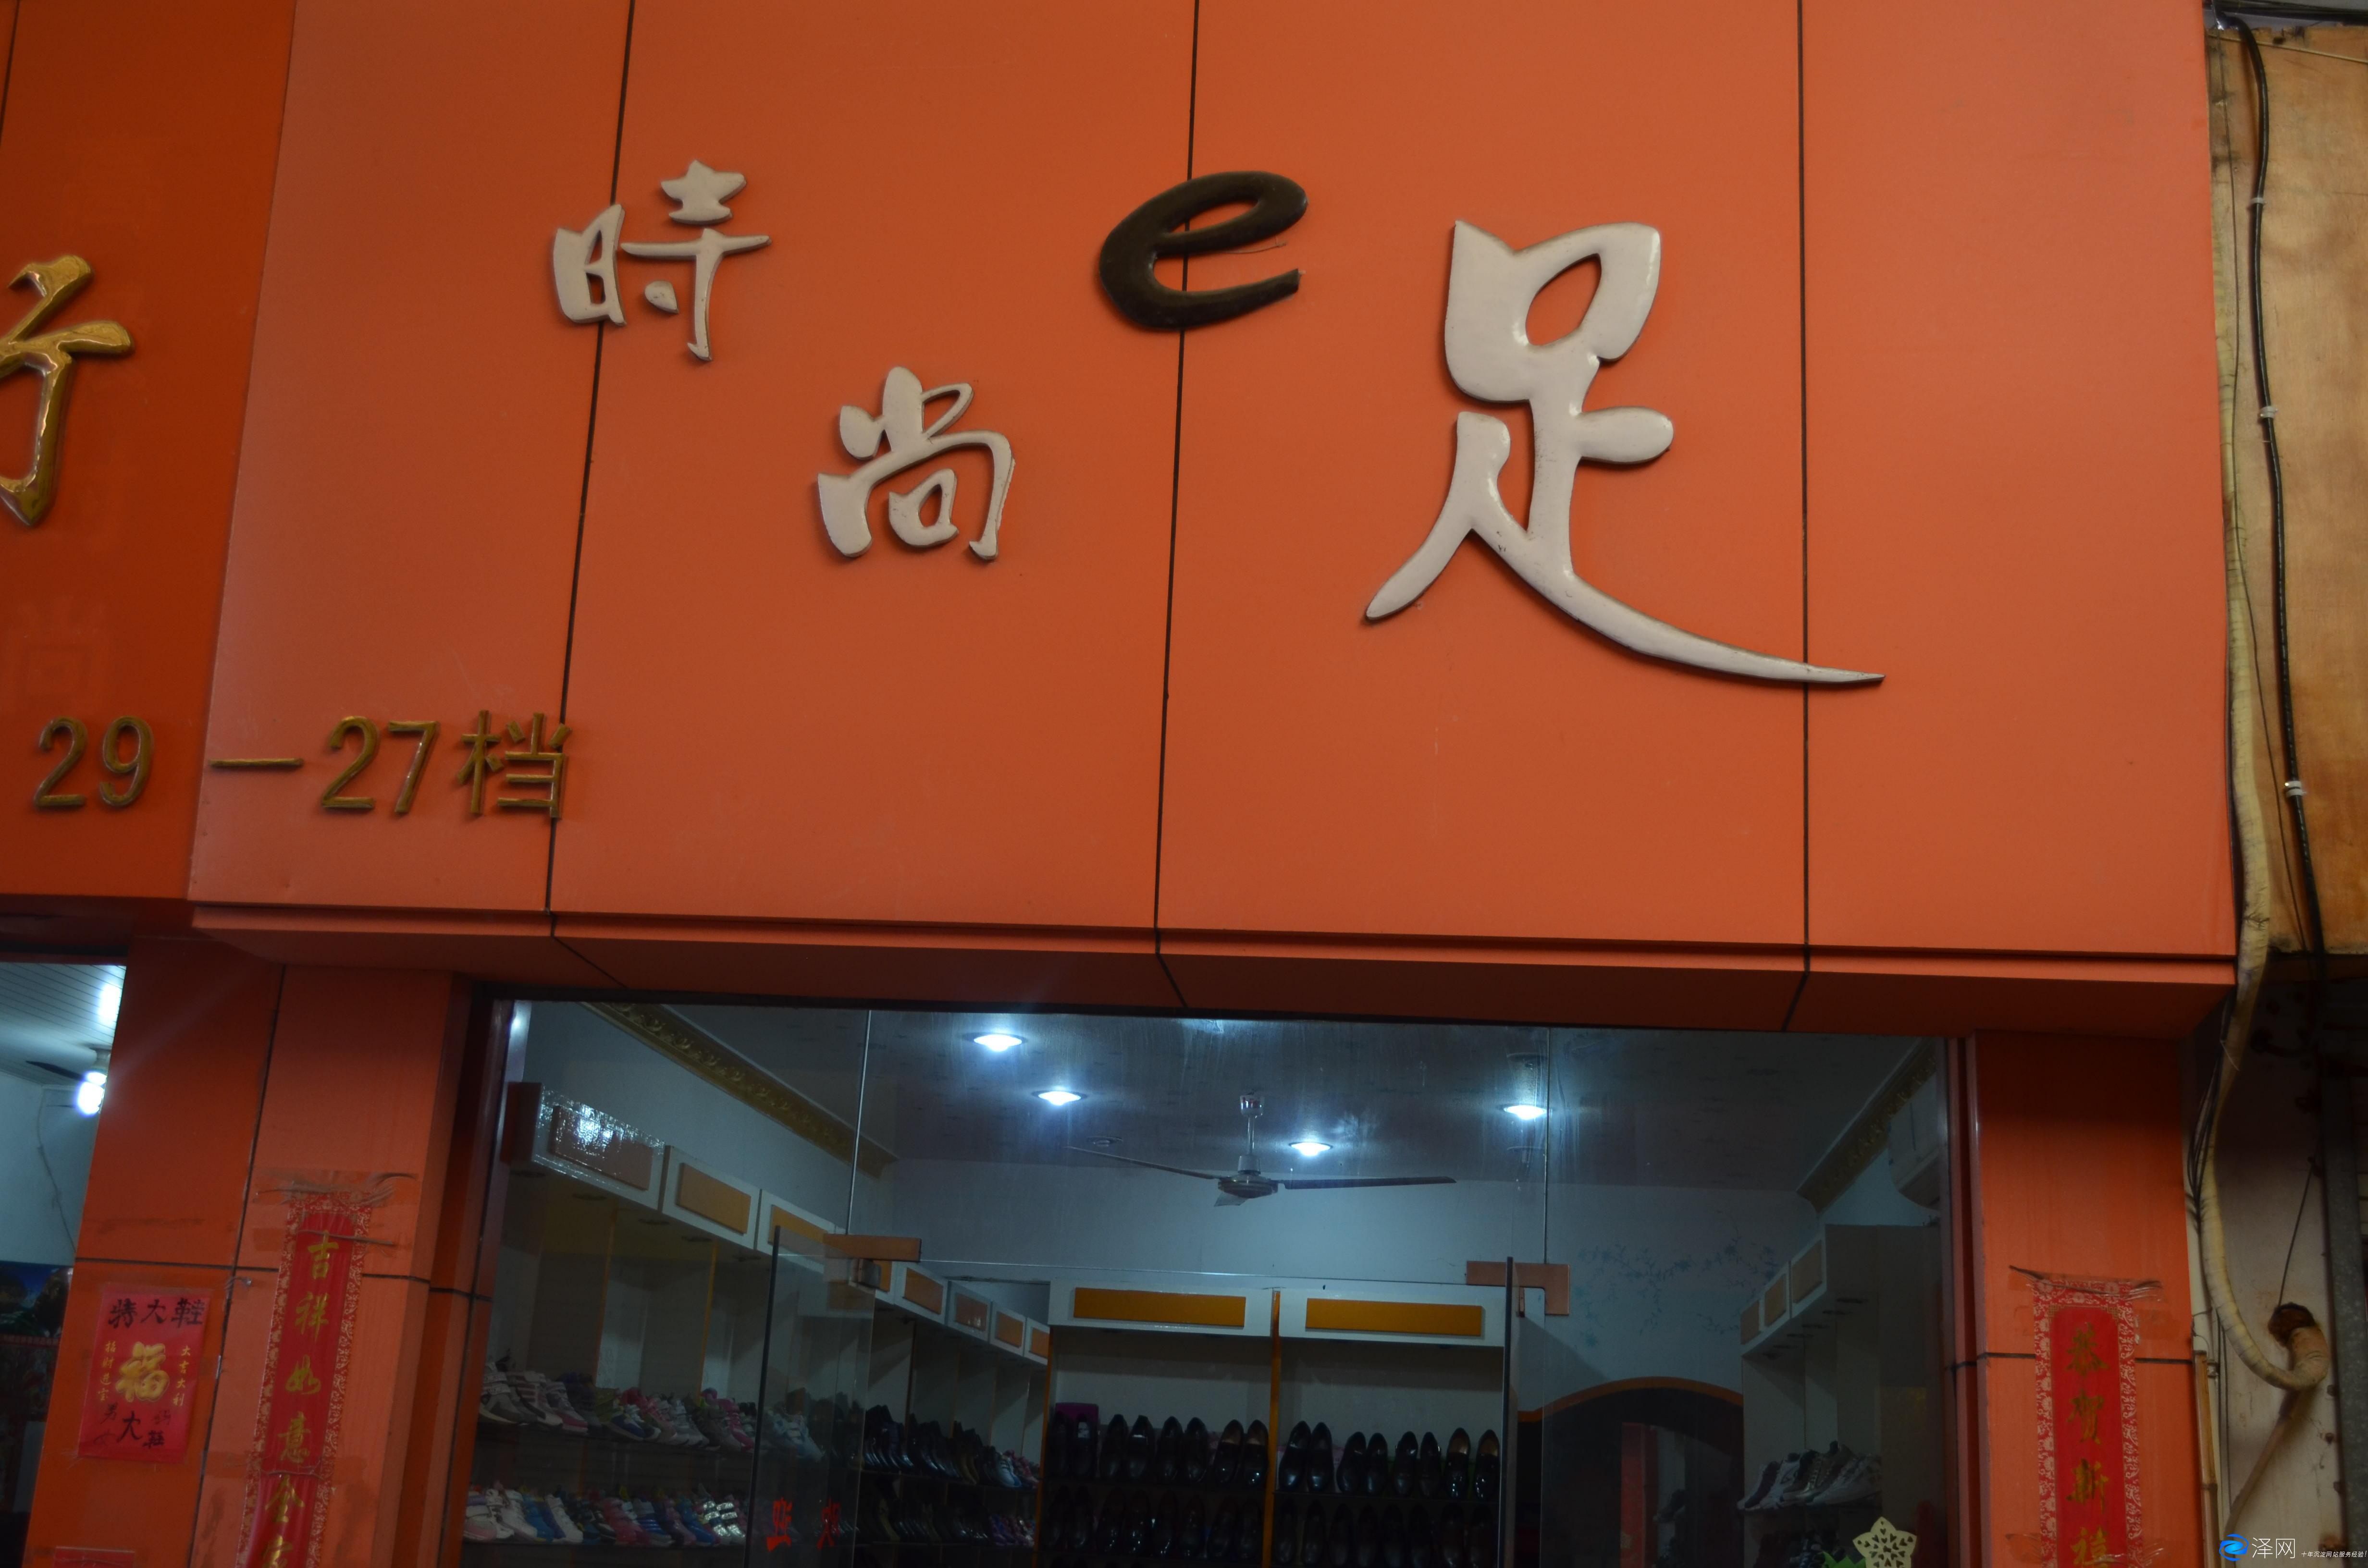 太仓皮鞋市场商业摄影